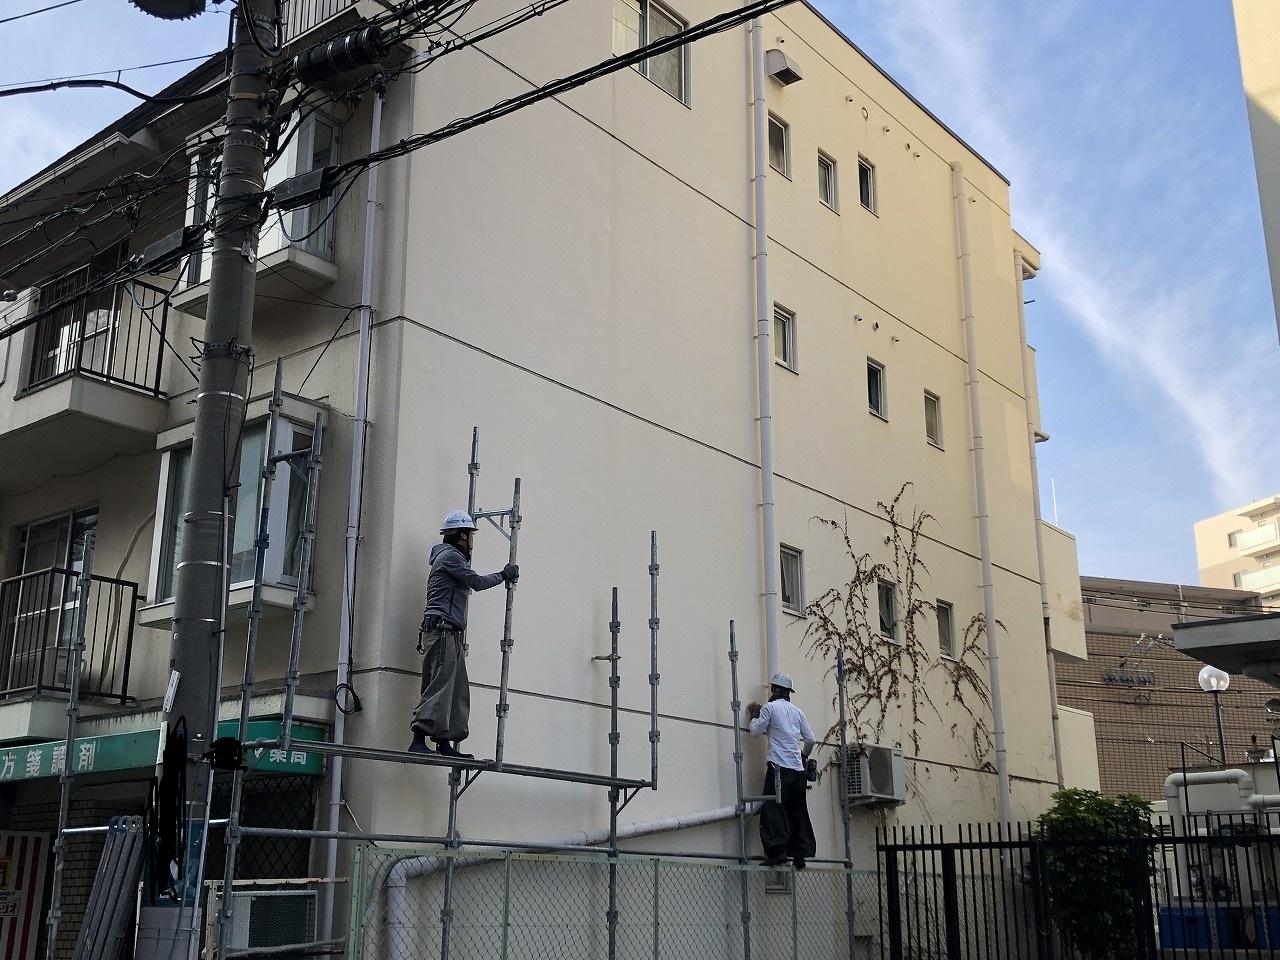 吹田市にて外壁と屋根の改修工事を行うために足場を仮設しました。